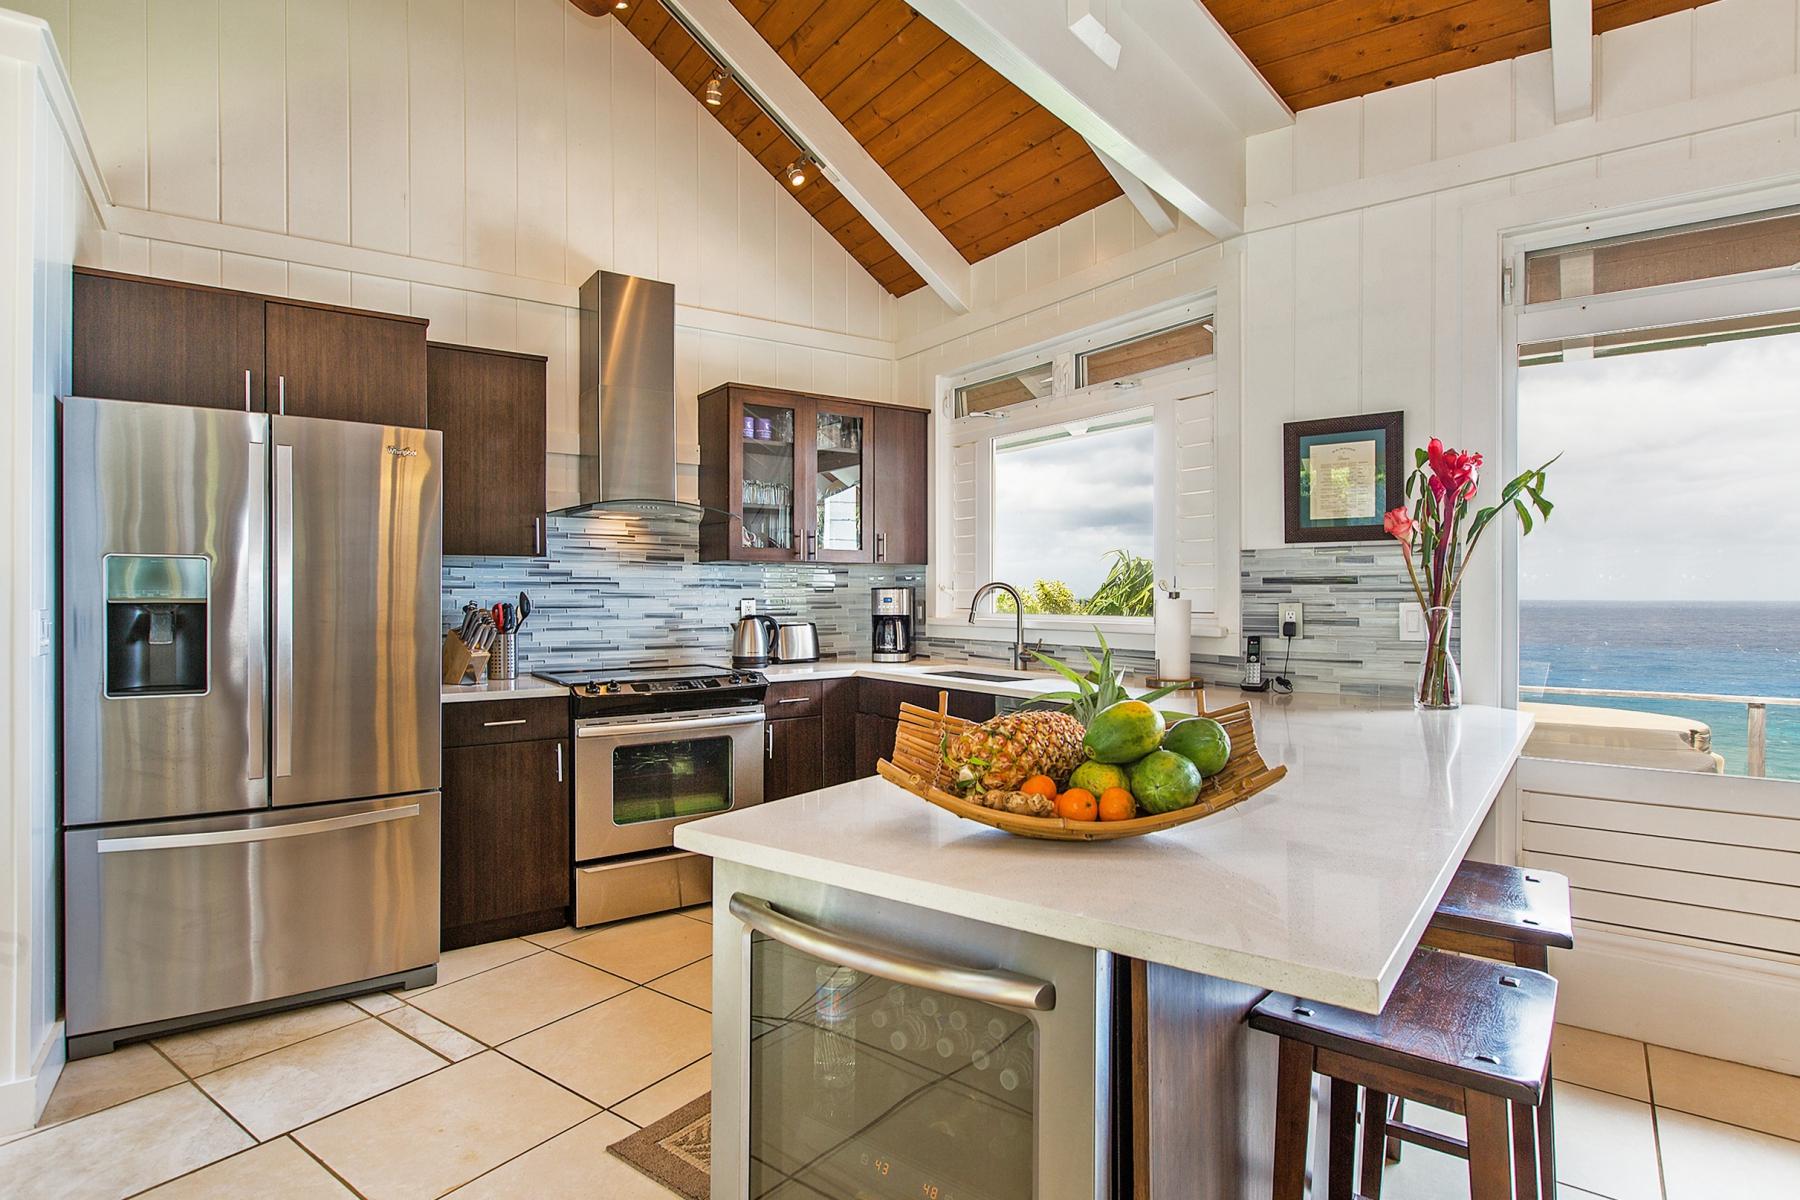 Kitchen-1.jpg_1800x1200_2194226.jpg